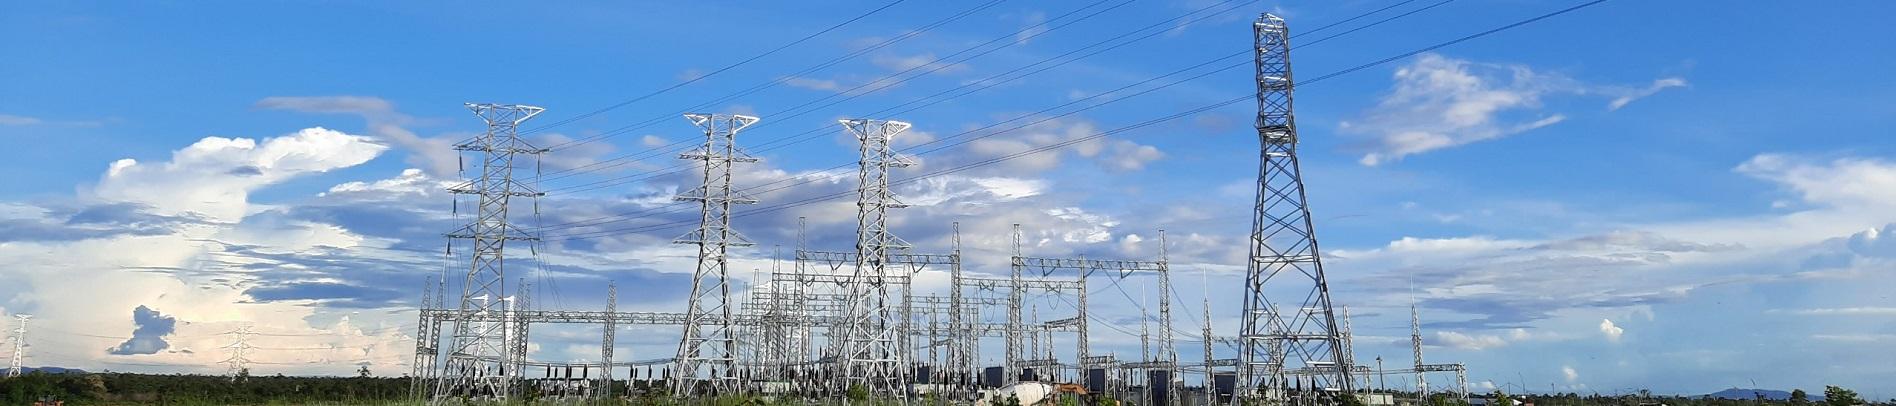 Nhà máy điện mặt trời Xuân Thiện Ea Súp 1